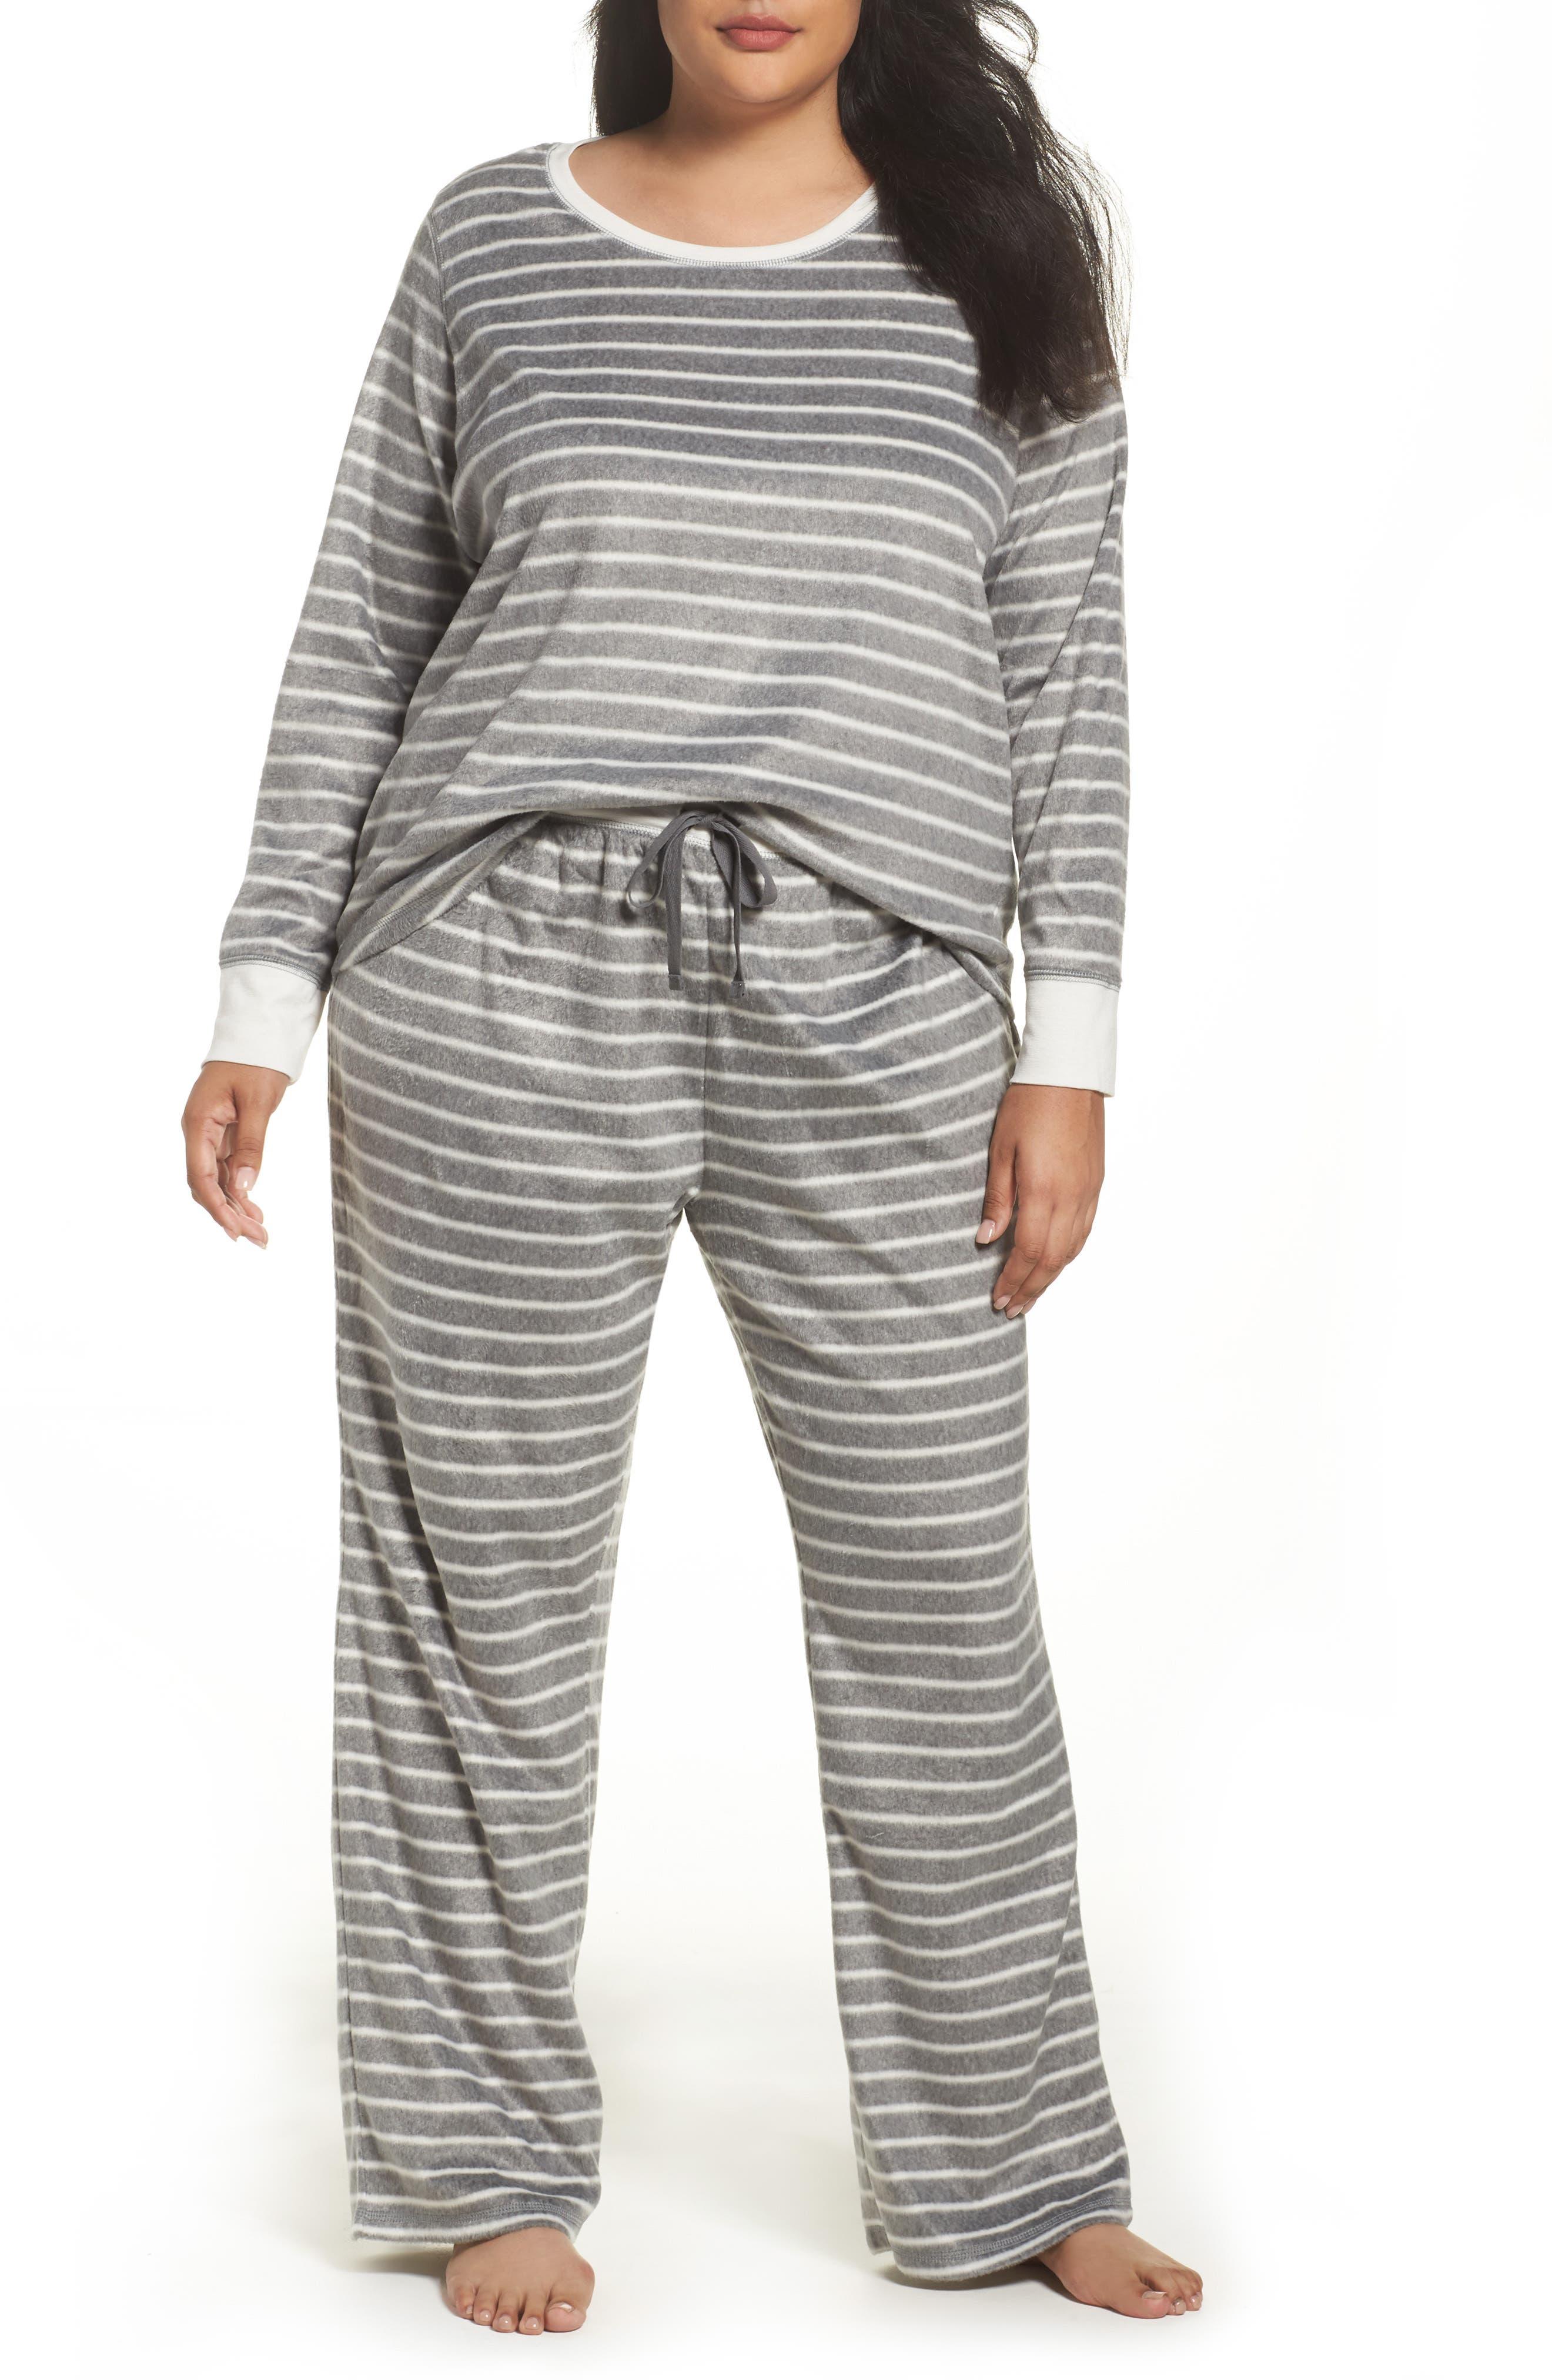 Main Image - PJ Salvage Polar Fleece Pajamas (Plus Size)